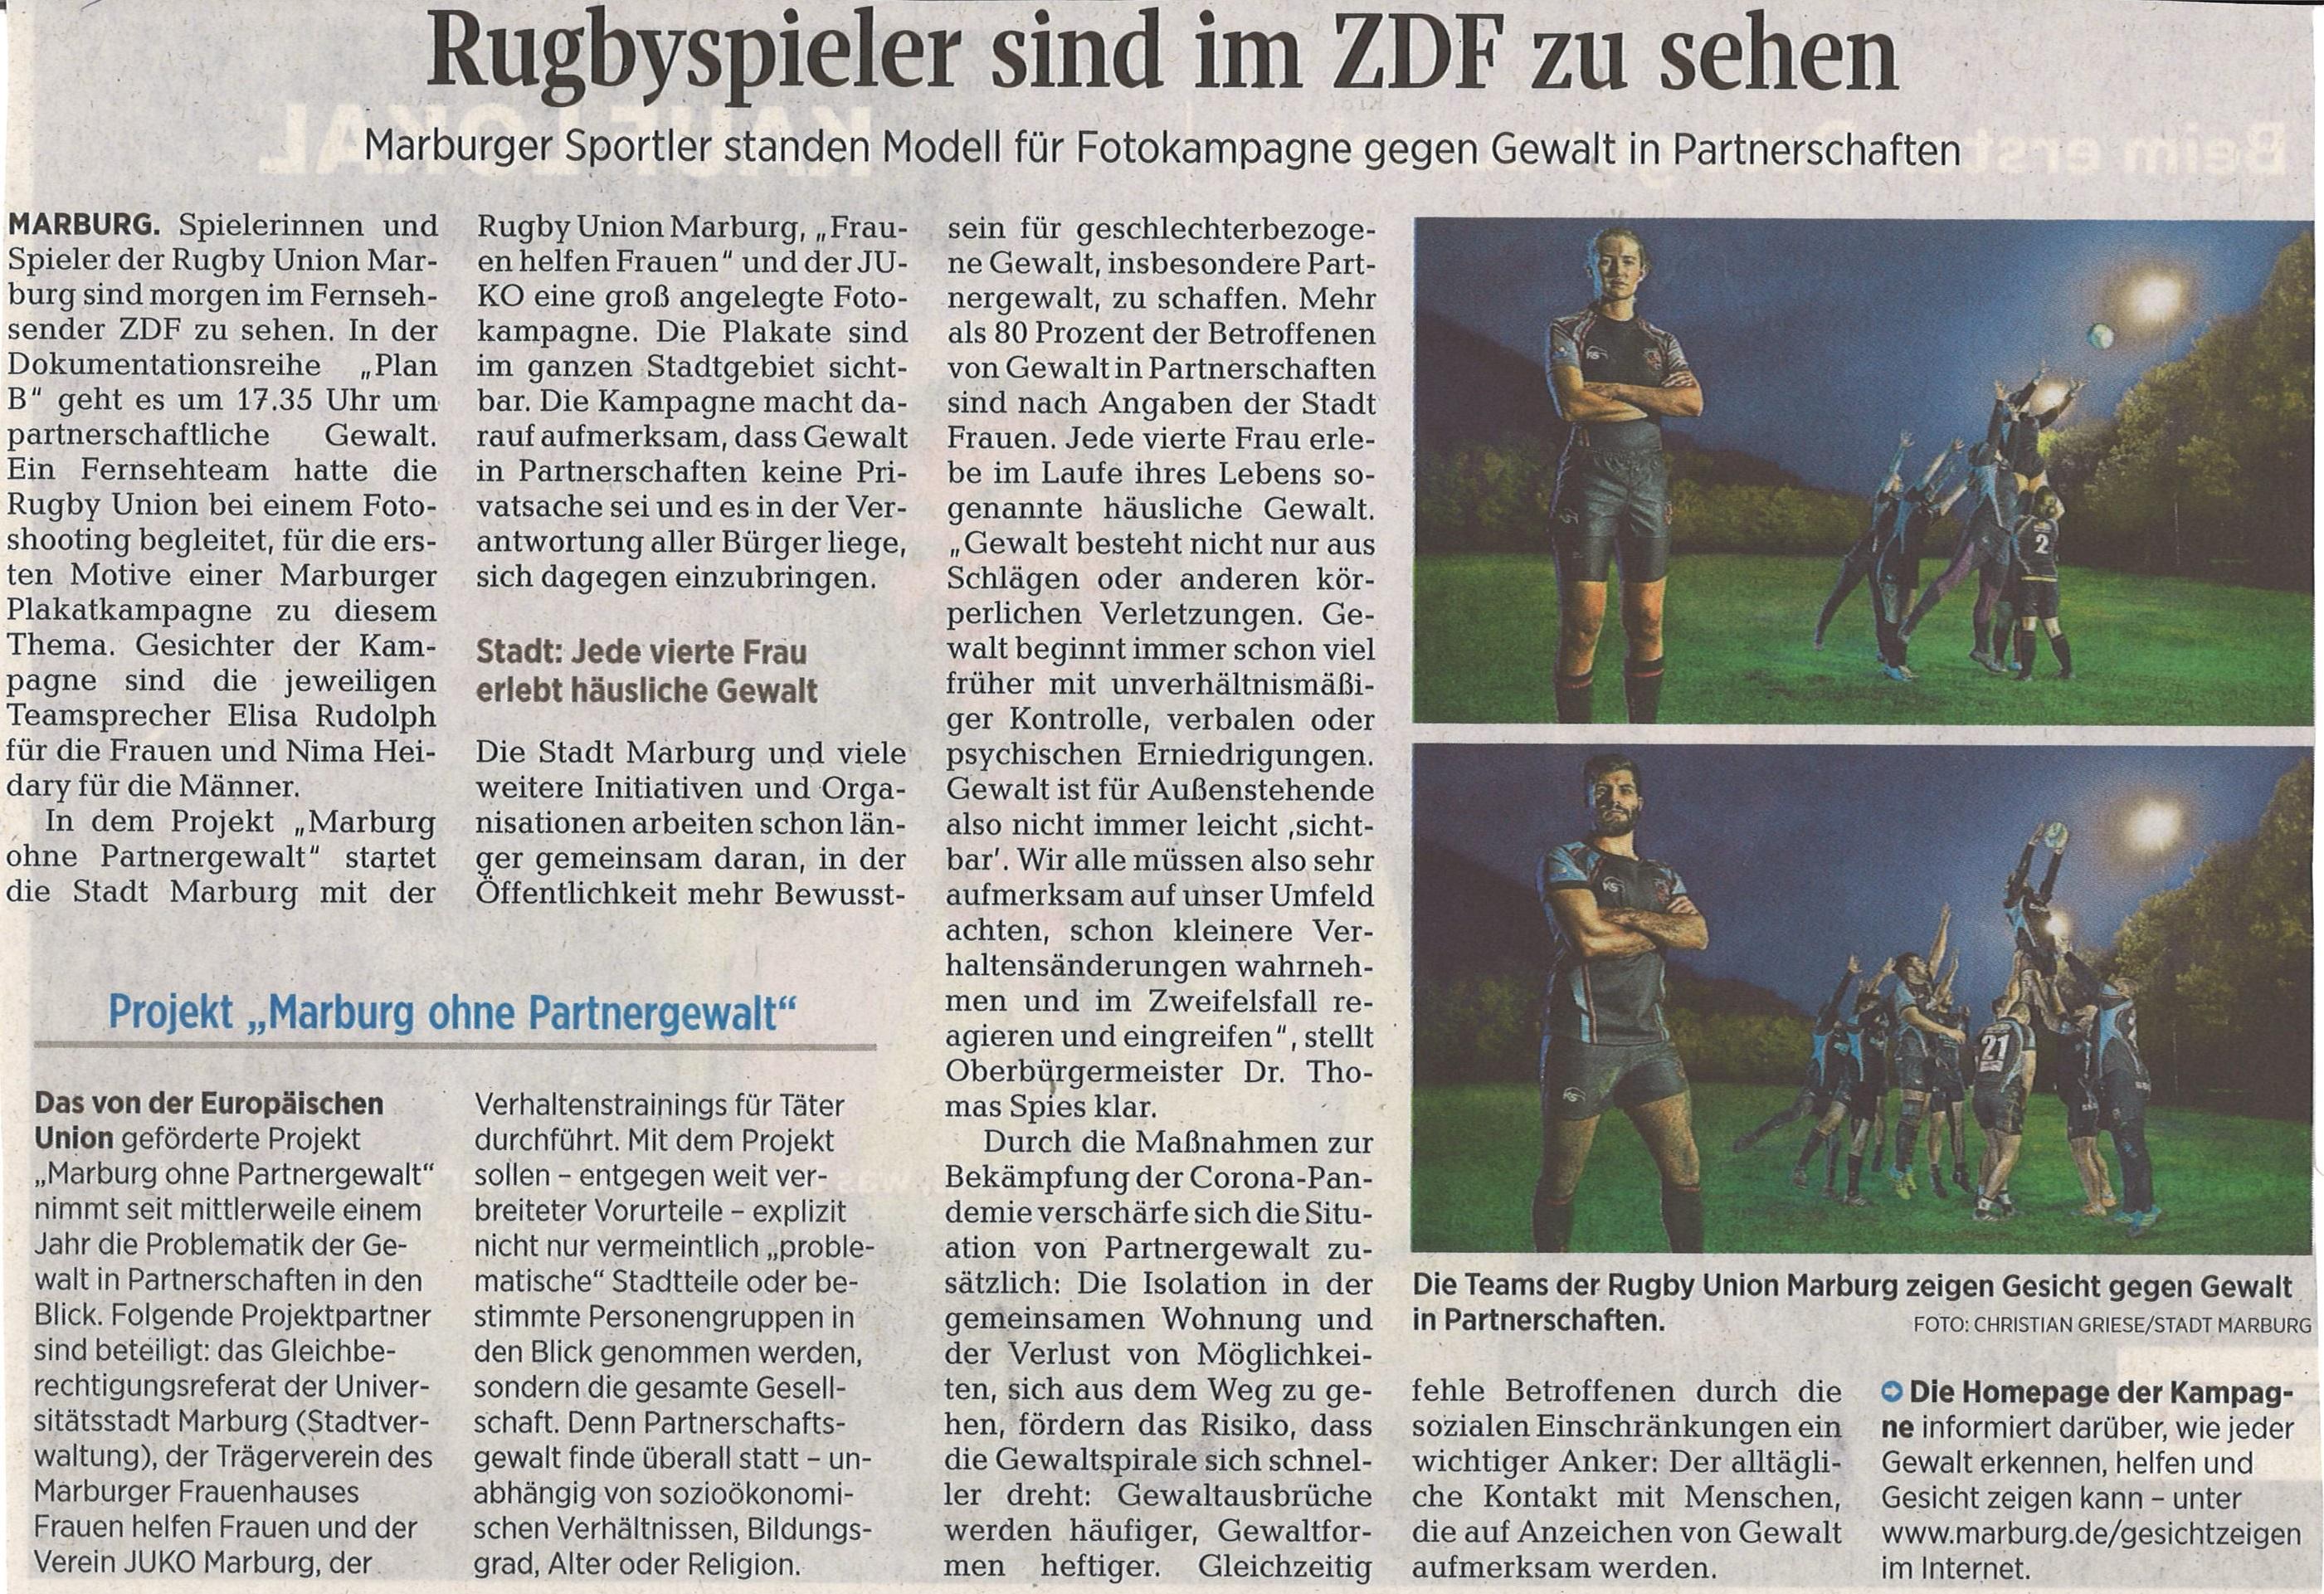 Marburger Rugbyspieler sind im ZDF zu sehen